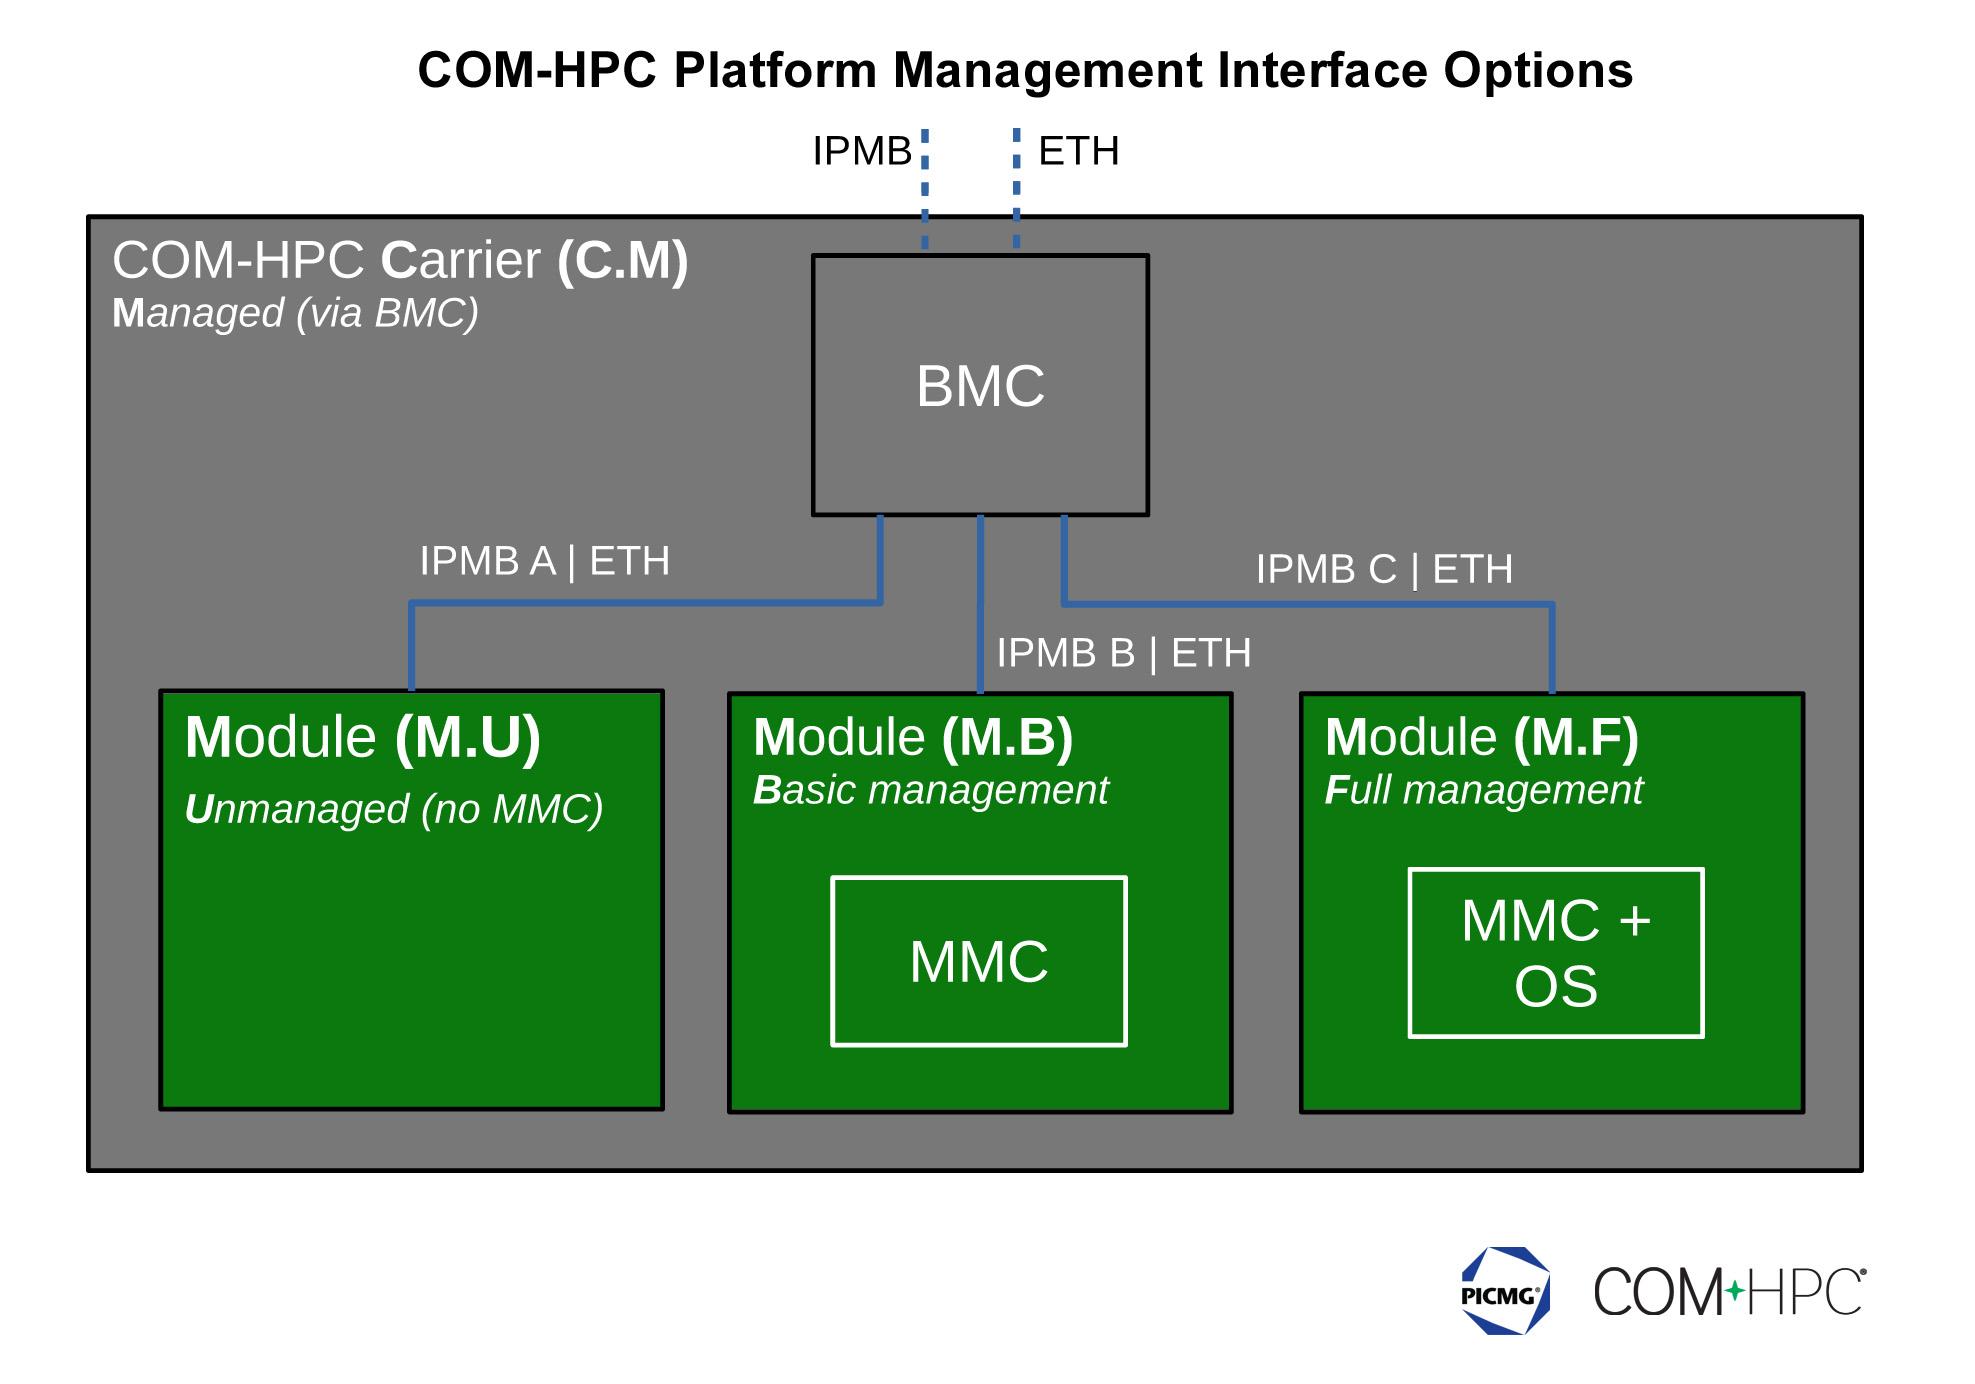 PICMG veröffentlicht Plattformmanagement-Schnittstellen-Spezifikation für COM-HPC